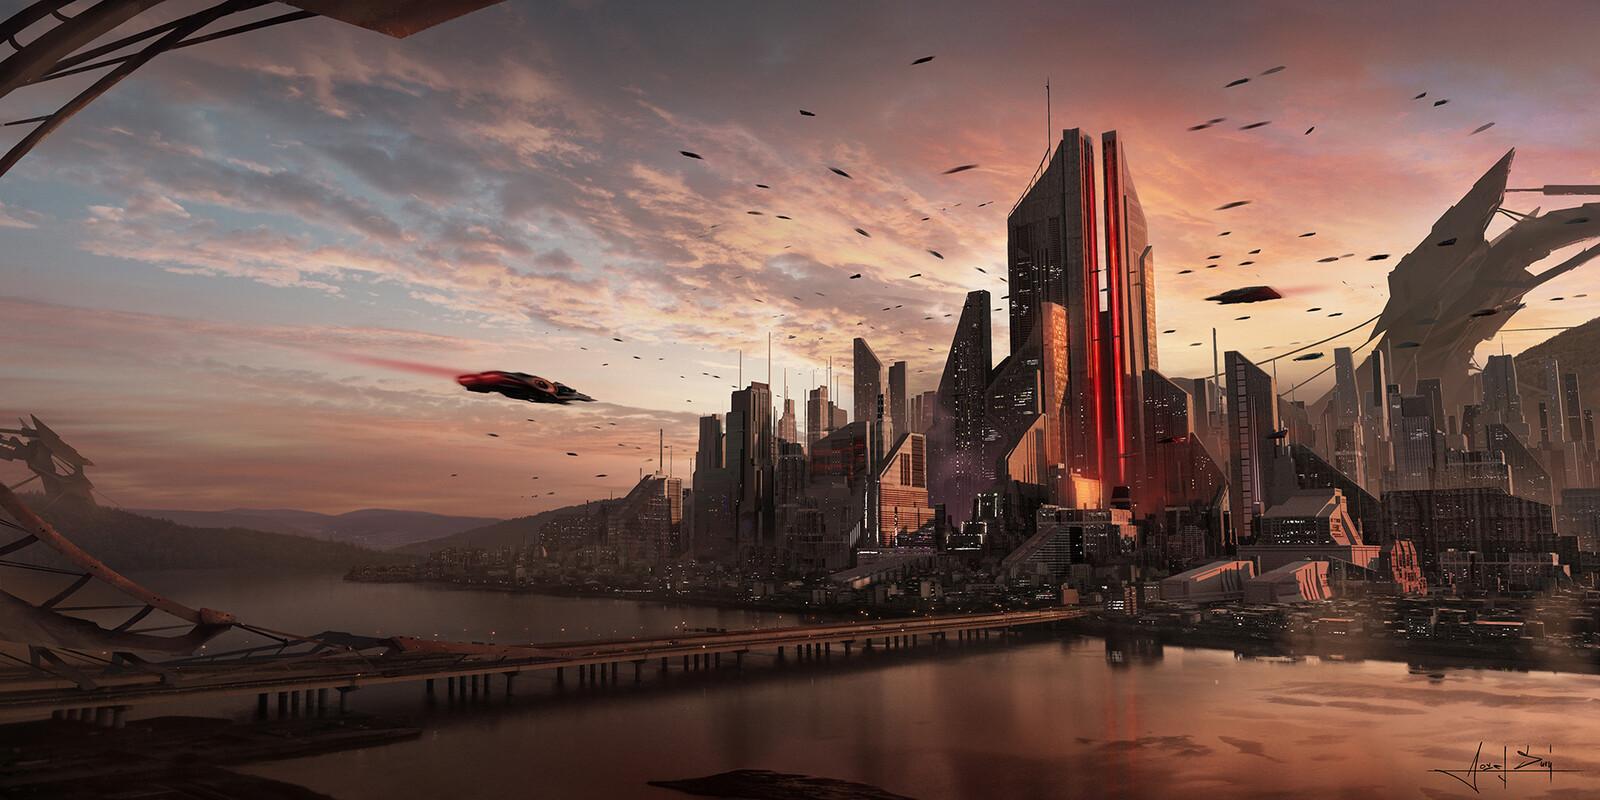 Cyberpunk cityscape sunset